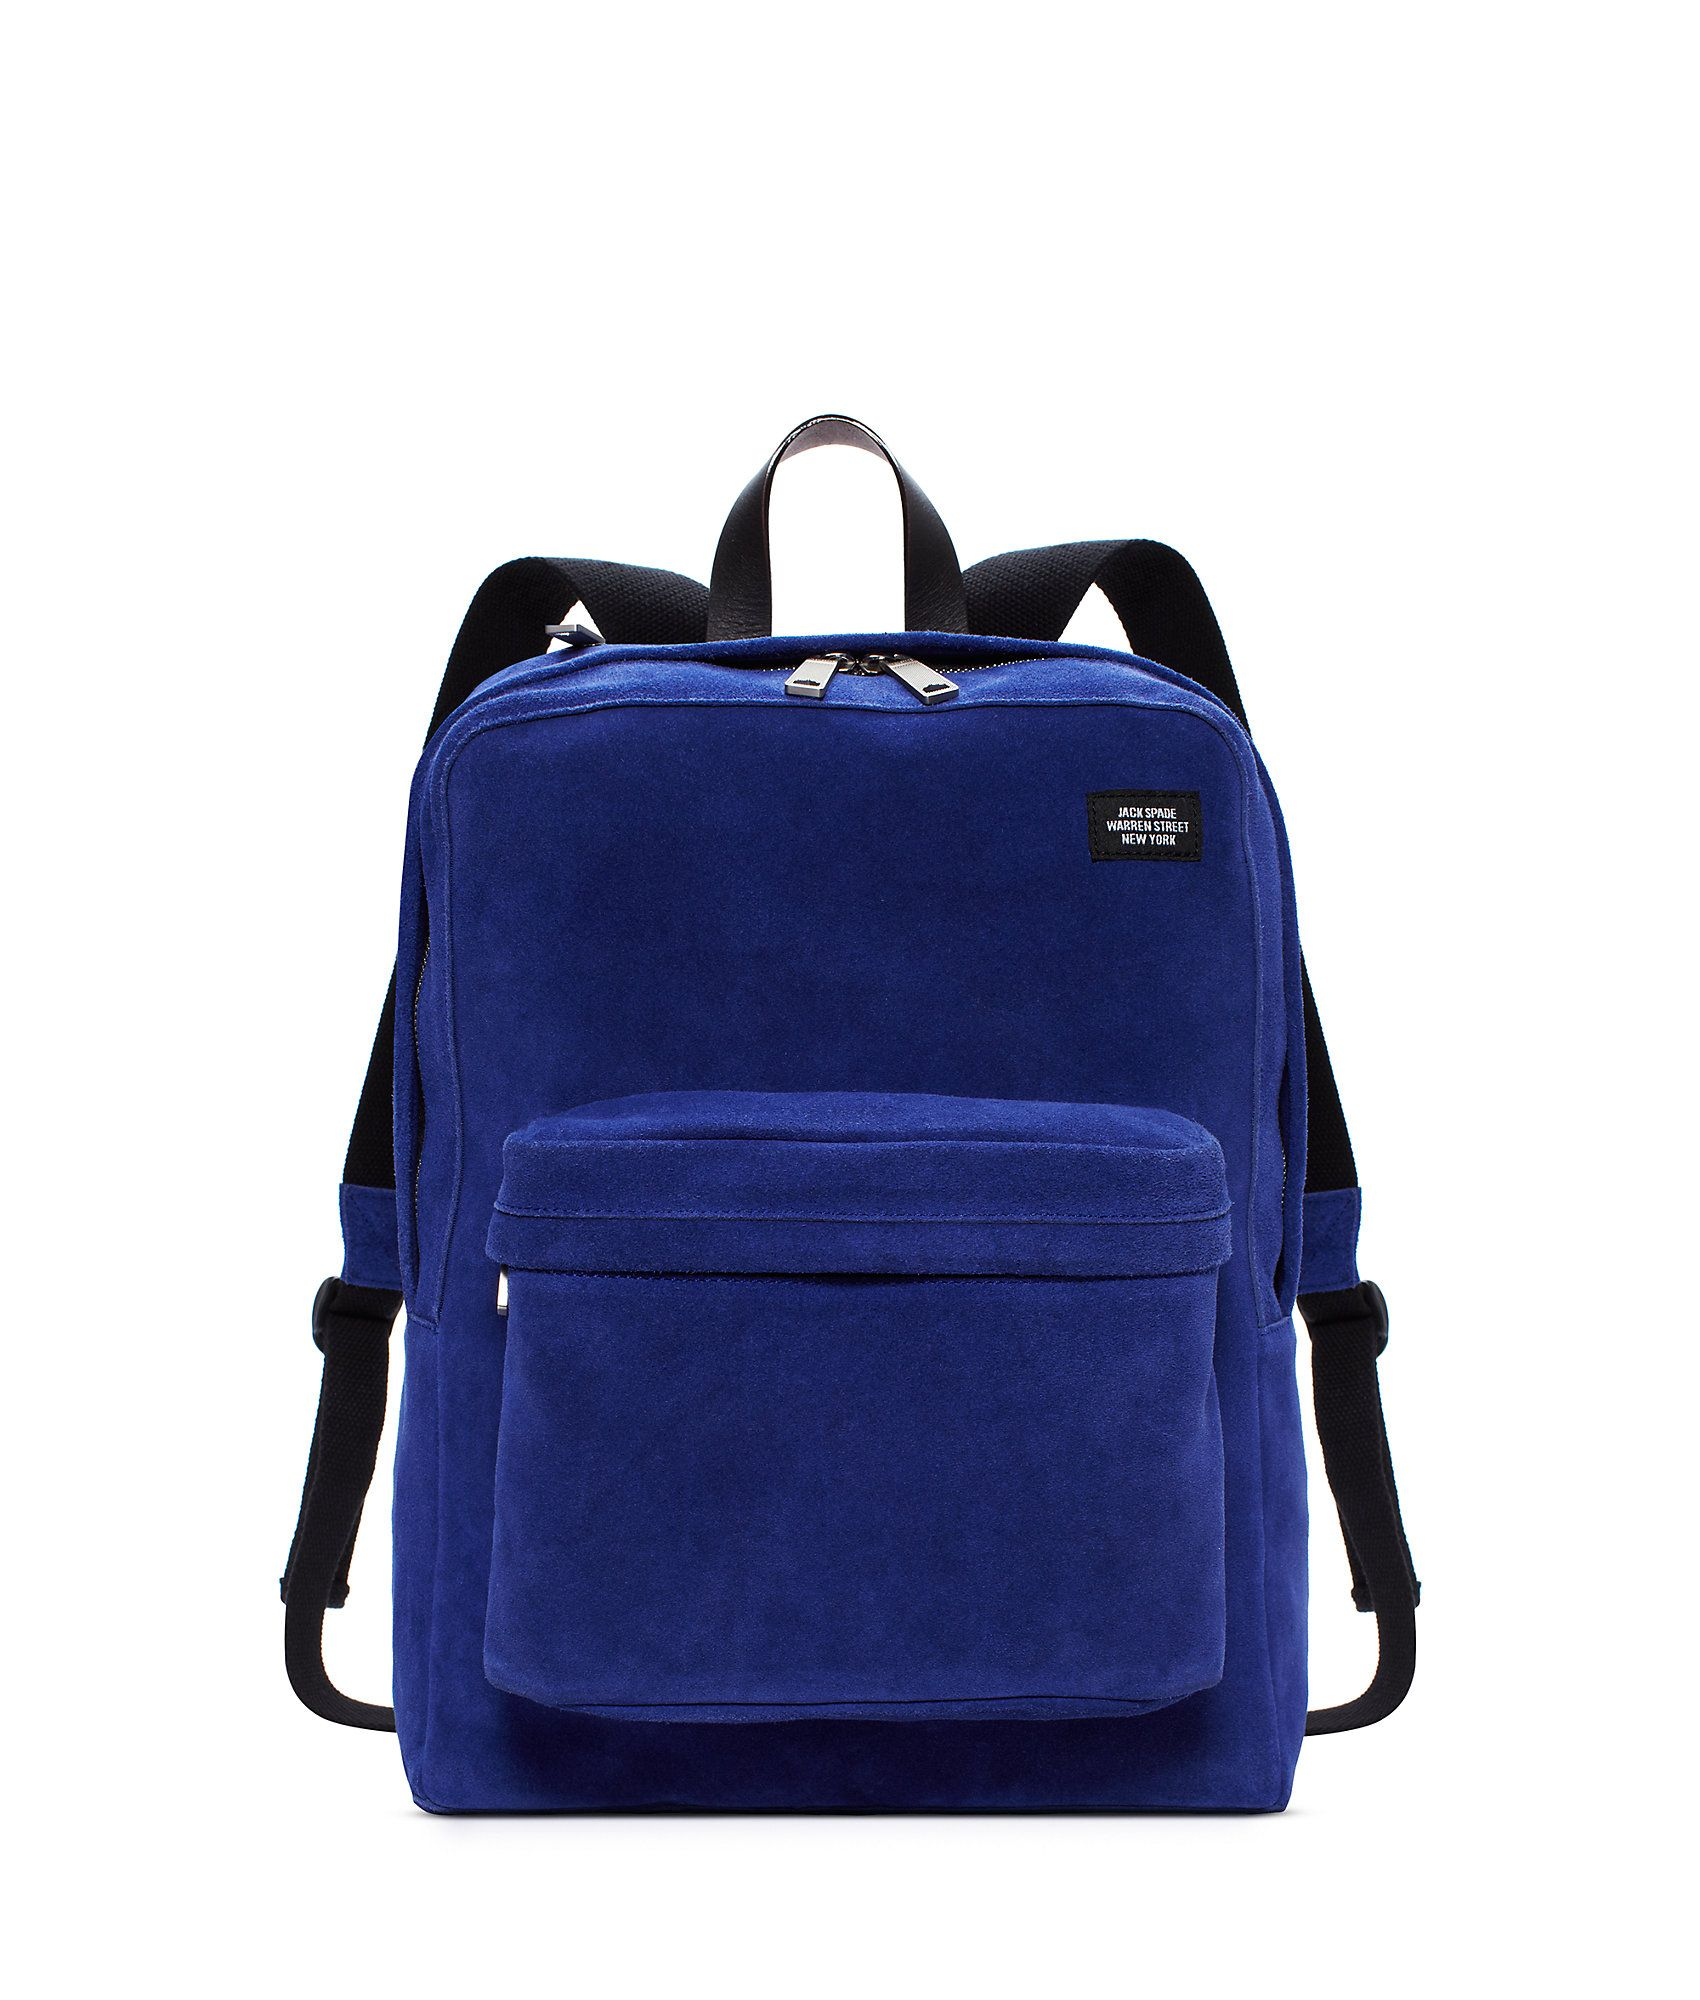 Jack spade desert suede collection suede backpack jack